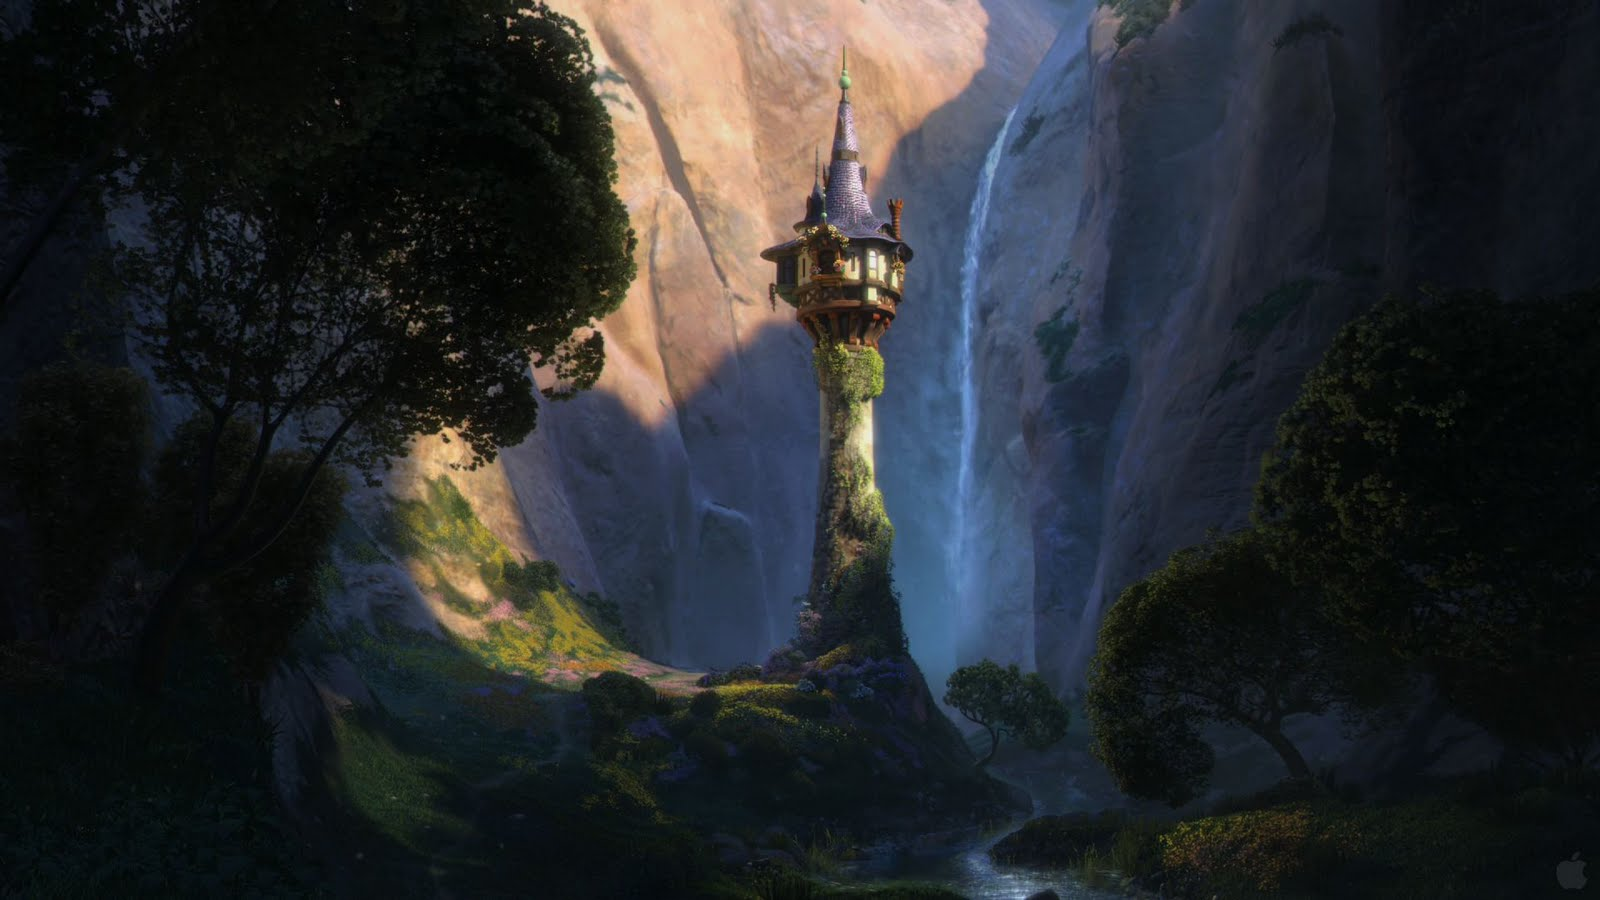 http://4.bp.blogspot.com/_lZ27e7_7R7U/TT183hweCbI/AAAAAAAABQQ/PnEAChdOThY/s1600/disney-tangled-rapunzels-tower-wallpaper.jpg